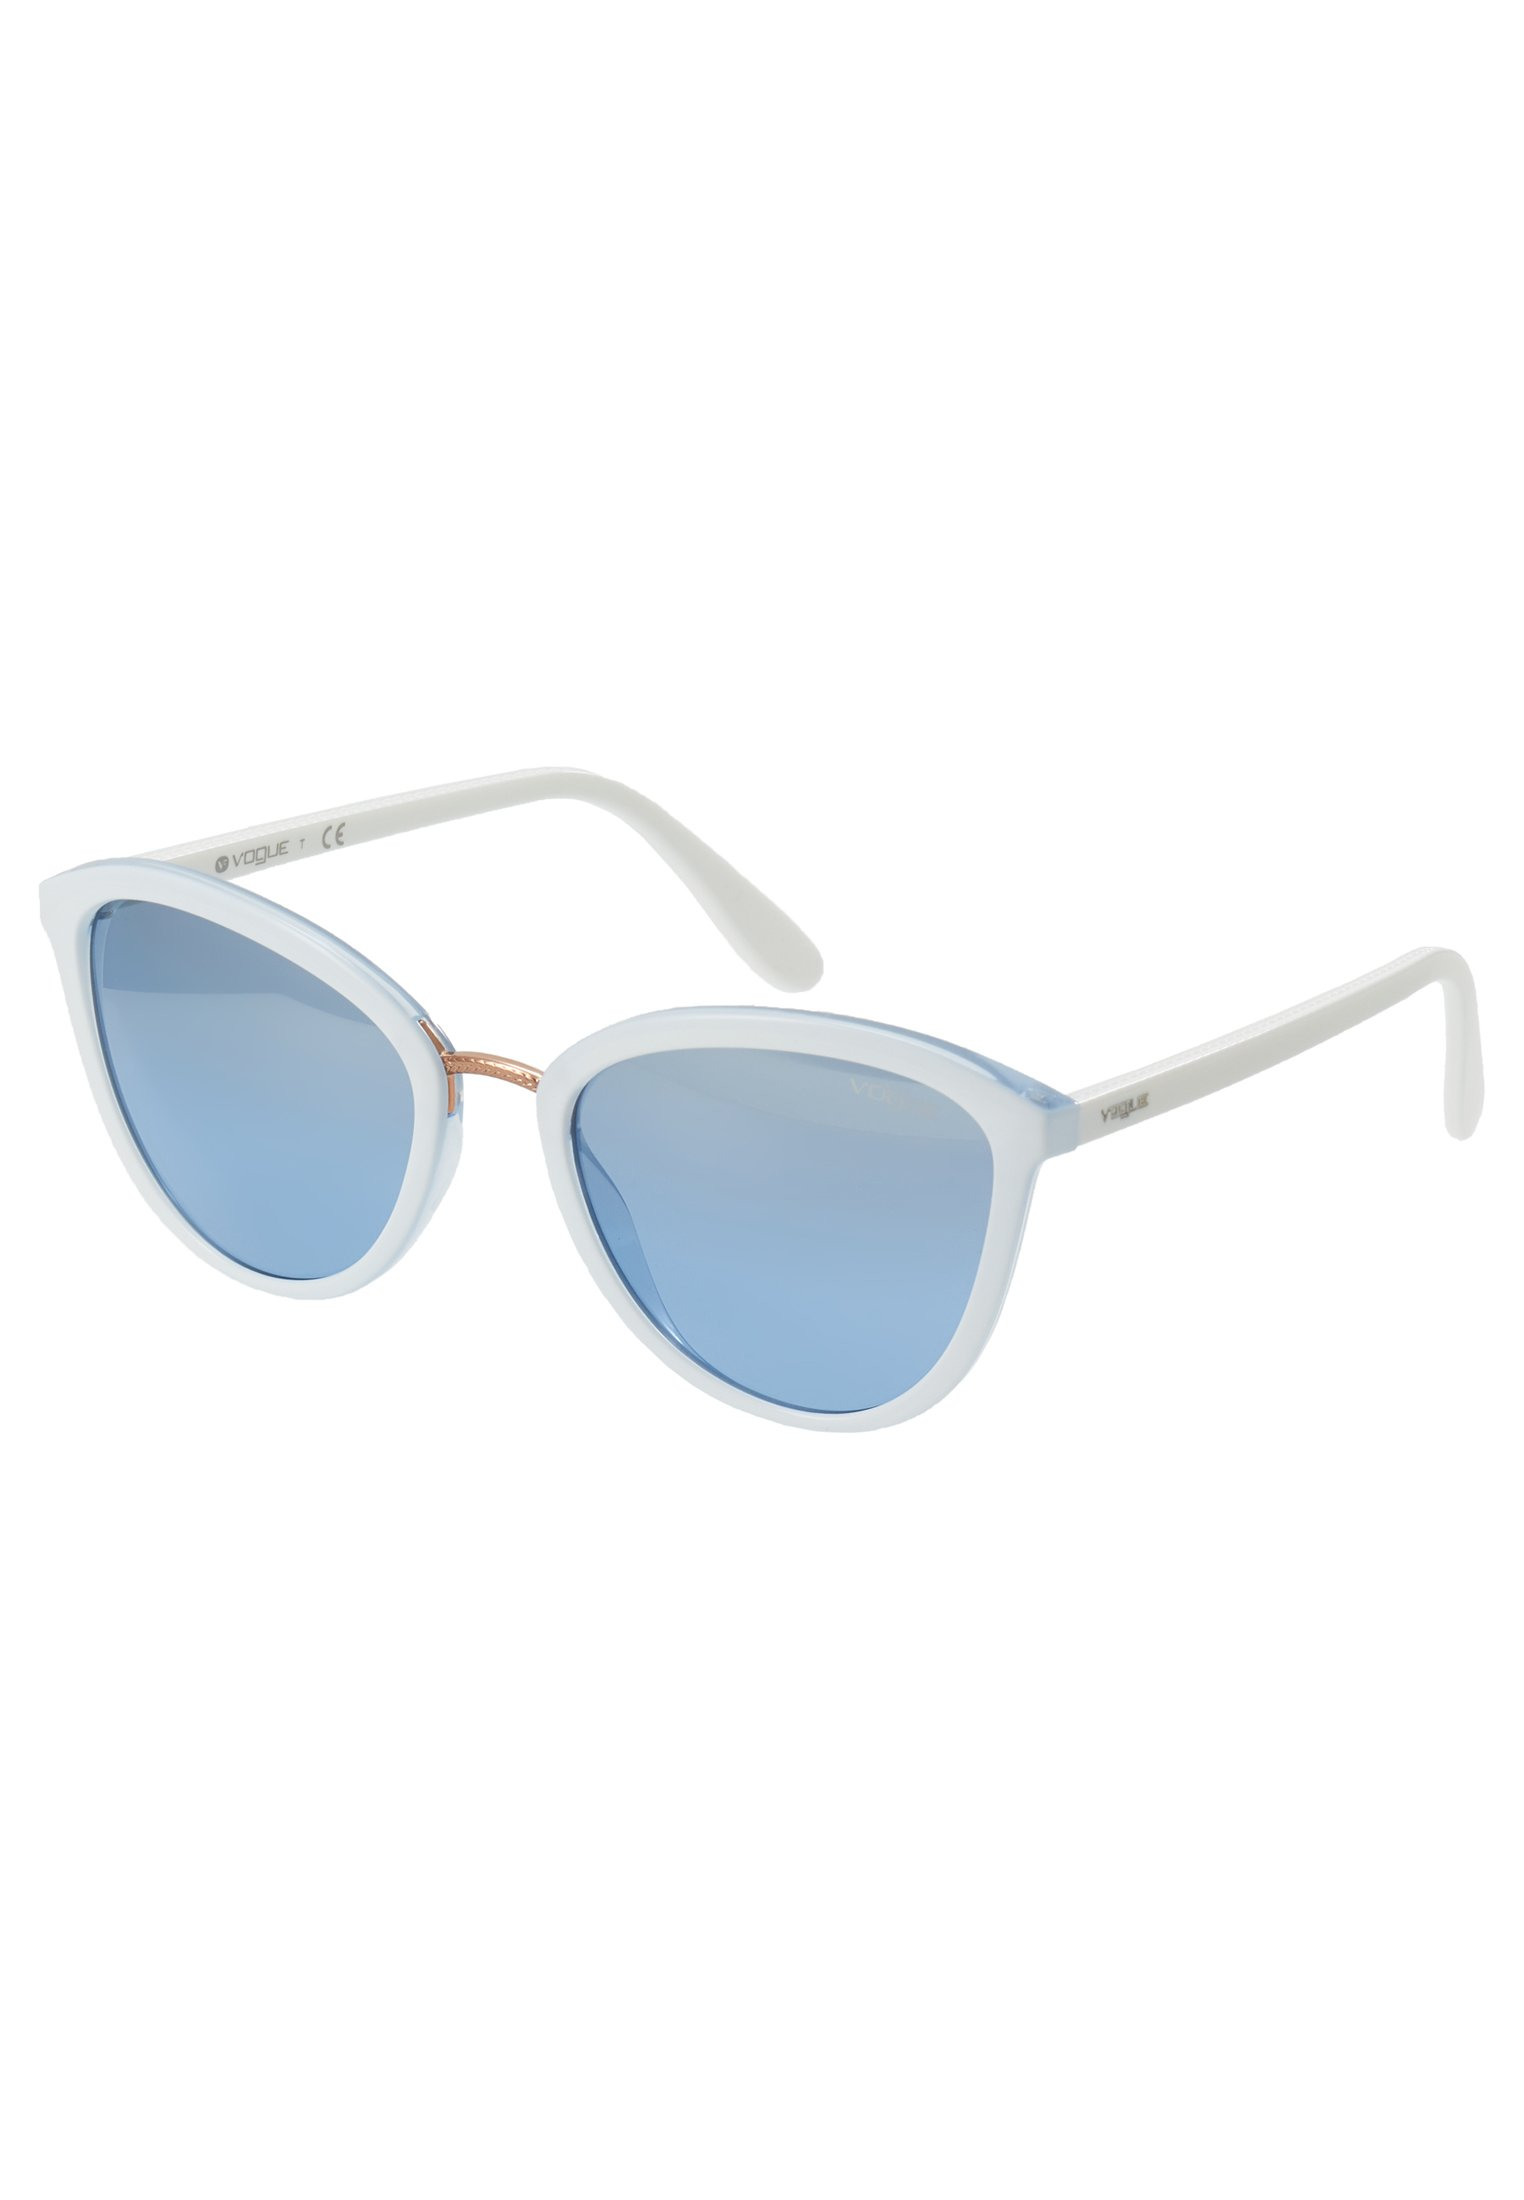 Vogue Eyewear Sonnenbrille - White/light Blue/weiß